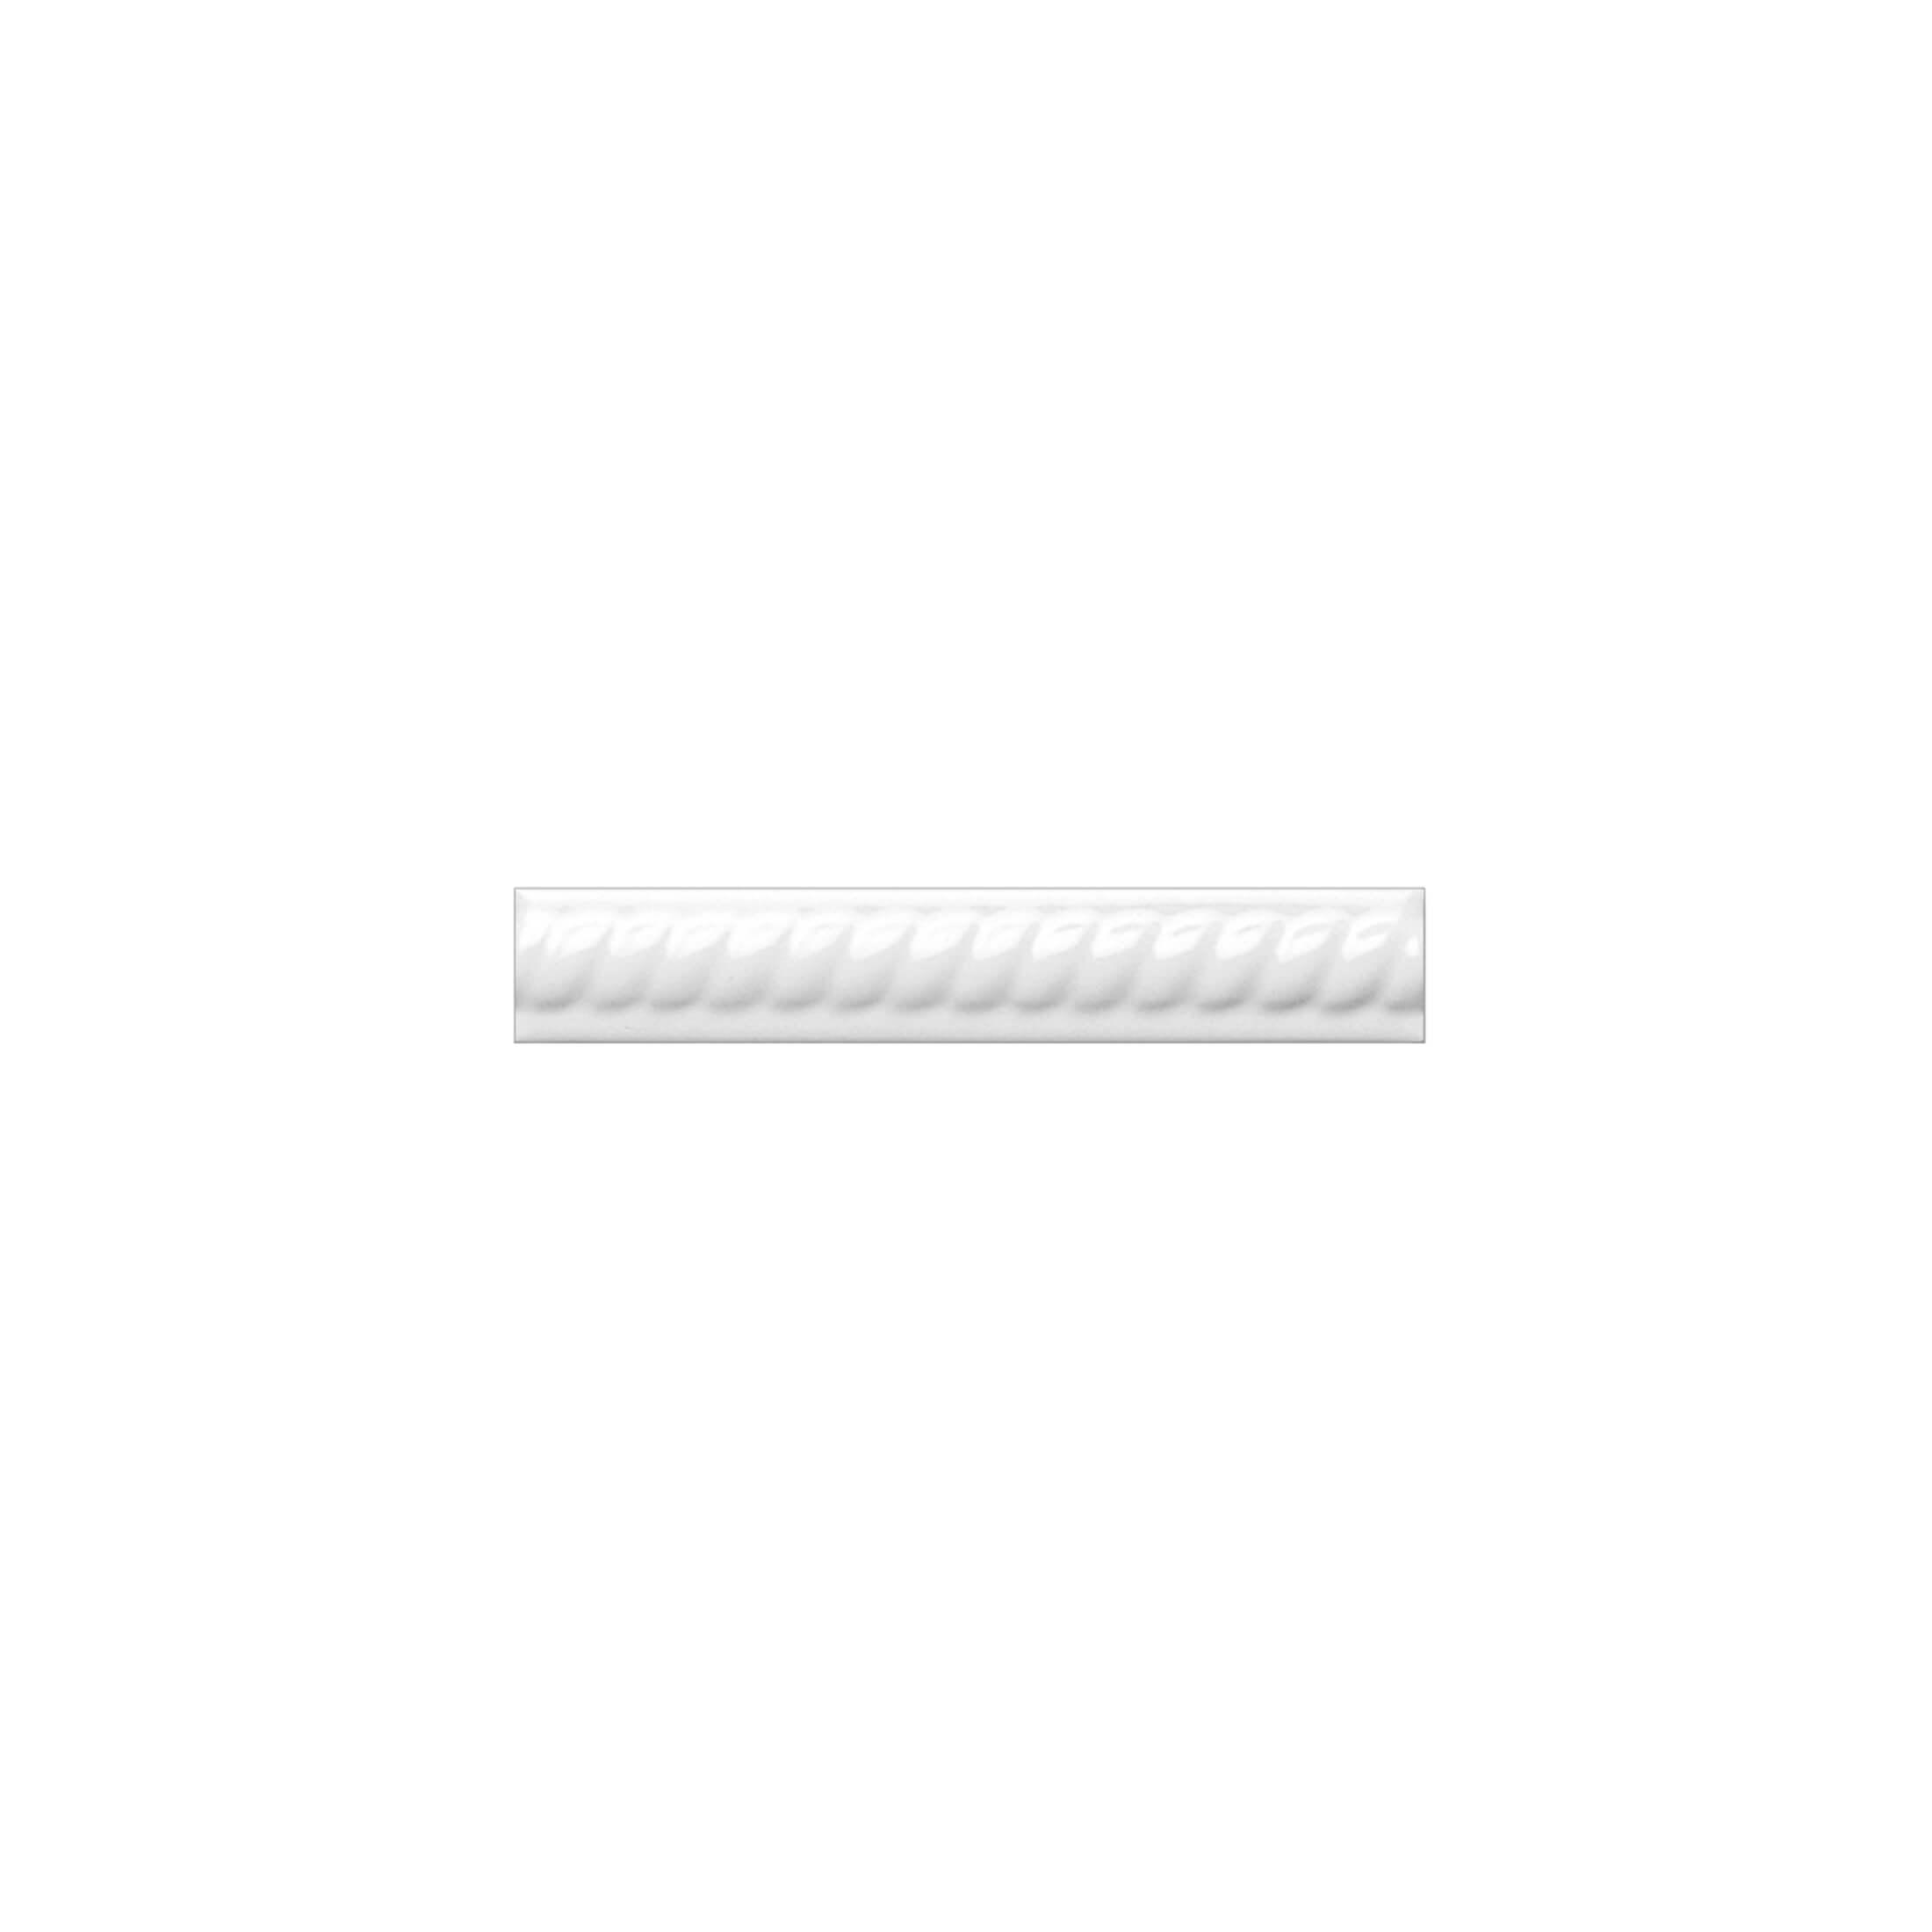 ADNE5157 - TRENZA PB - 2.5 cm X 15 cm